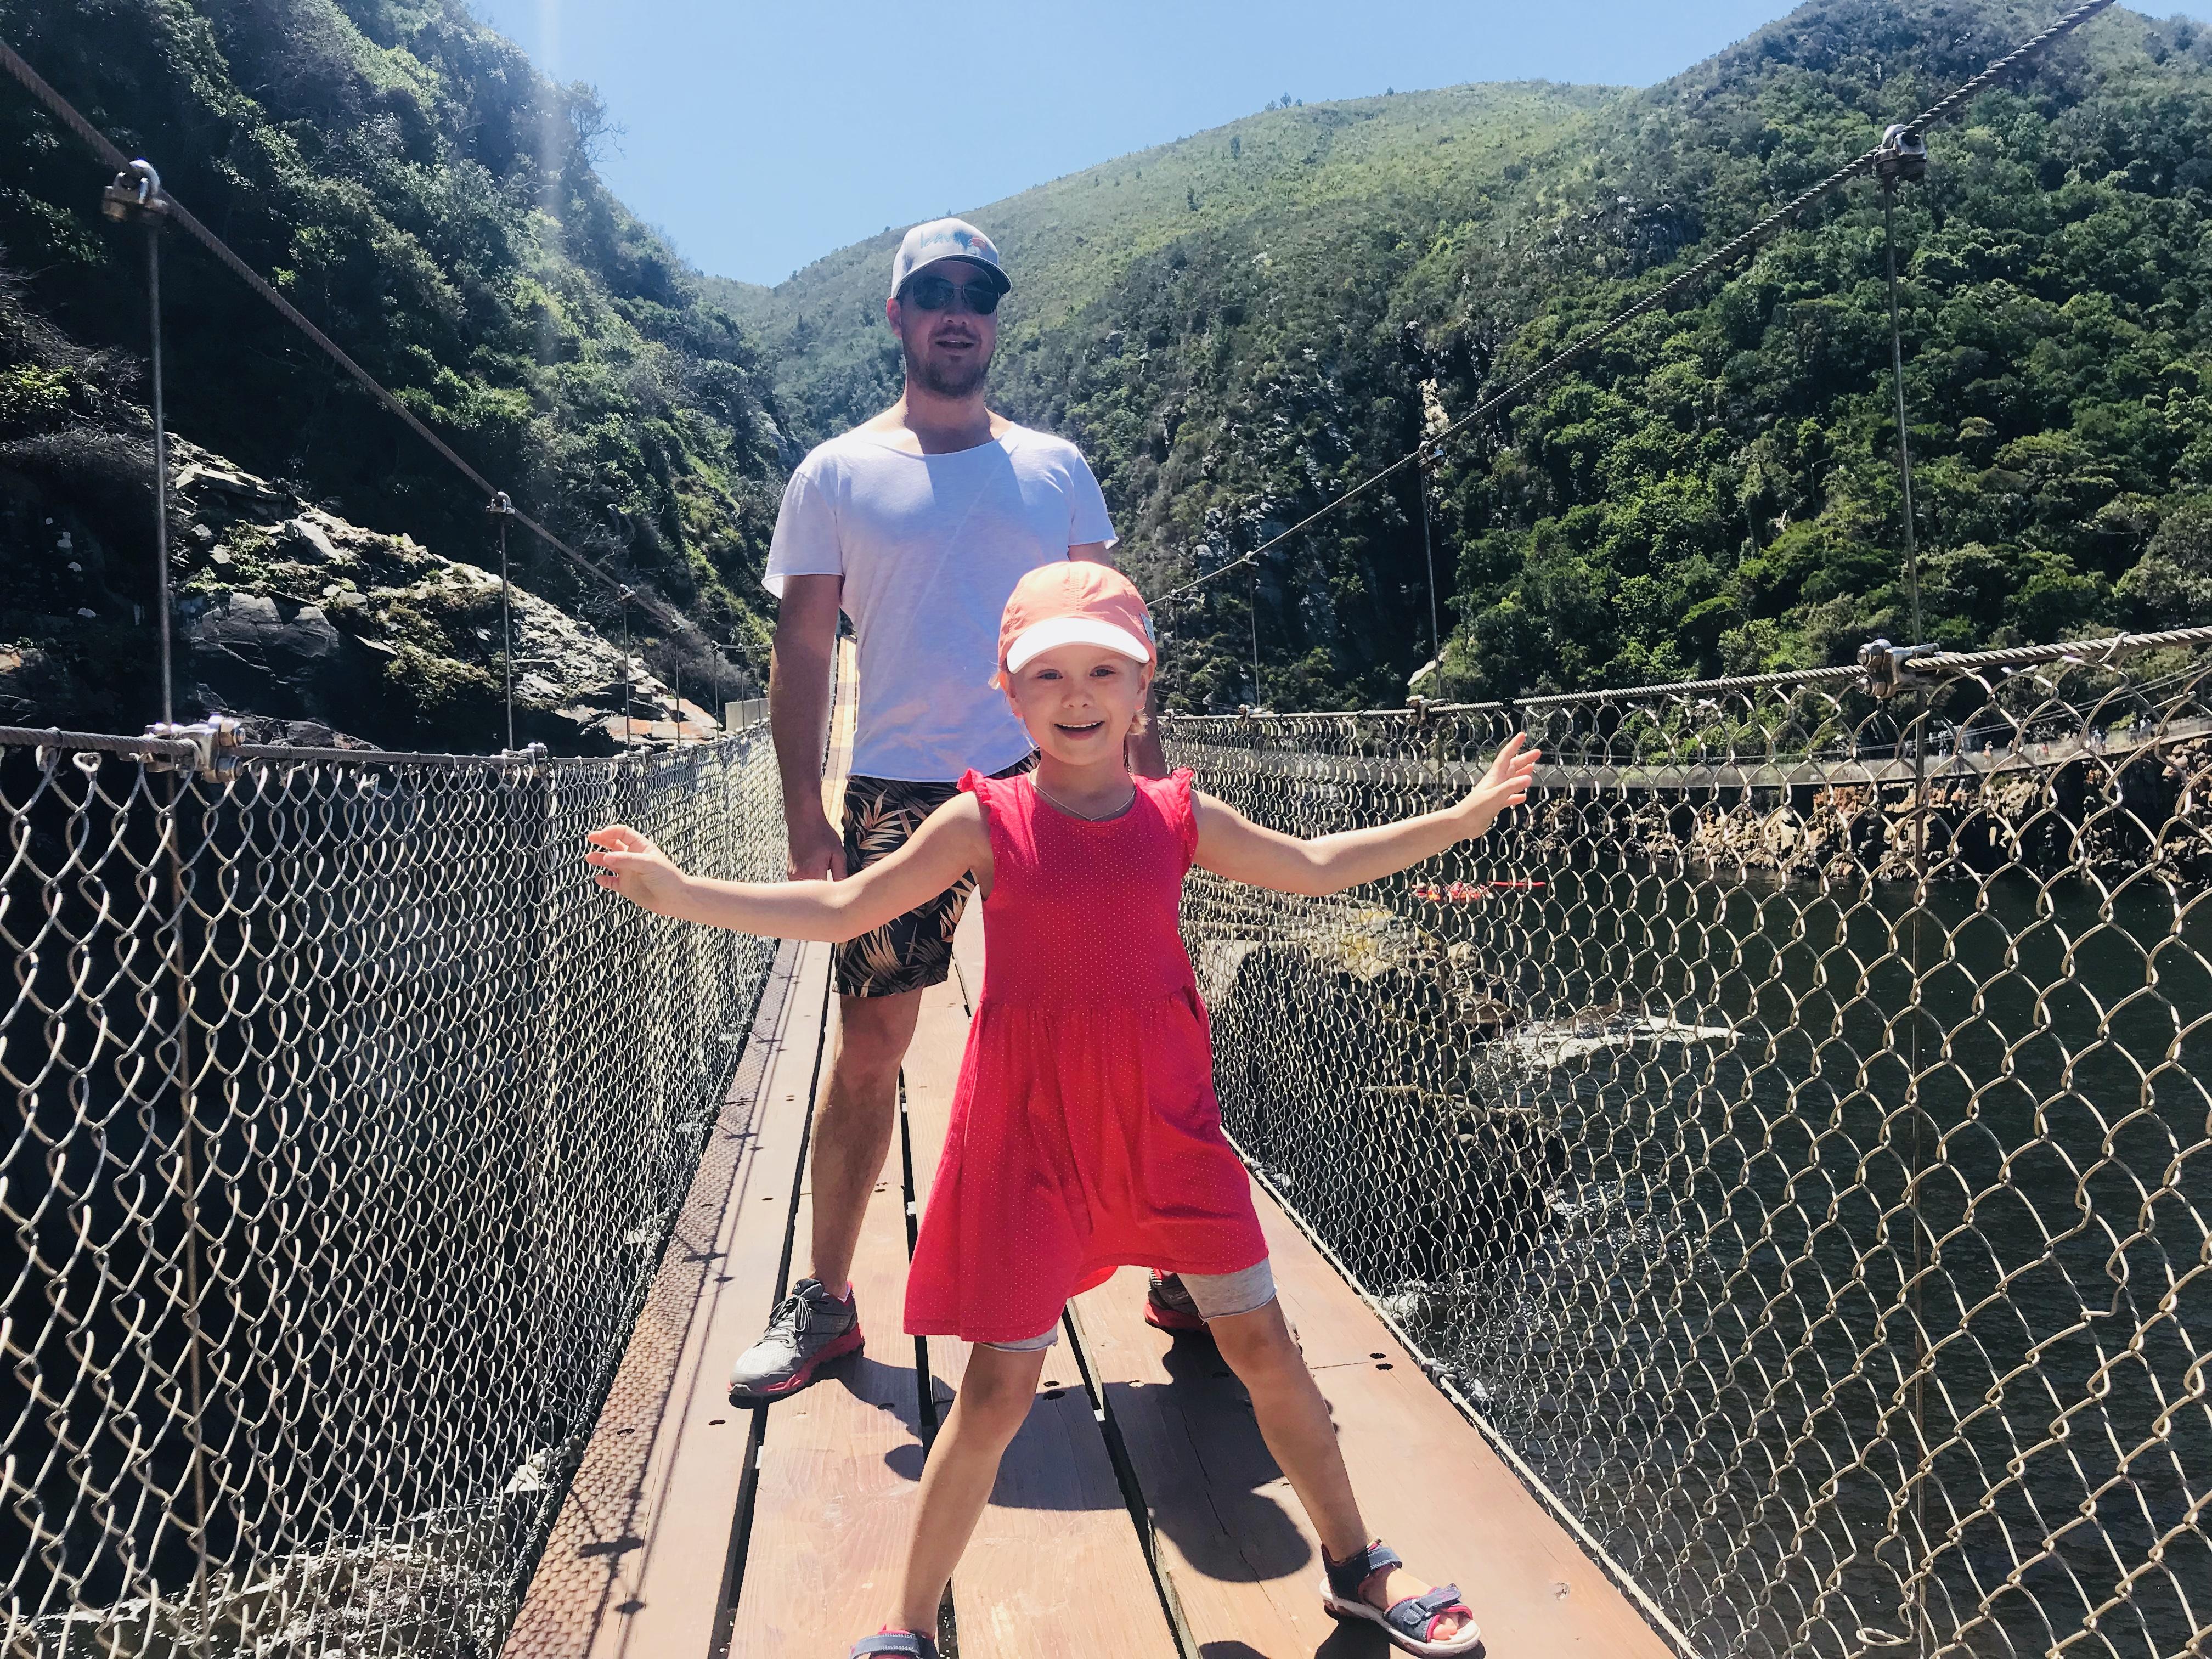 Vater und Tochter auf den Hängebrücken im Tsitsikamma Nationalpark, Südafrika